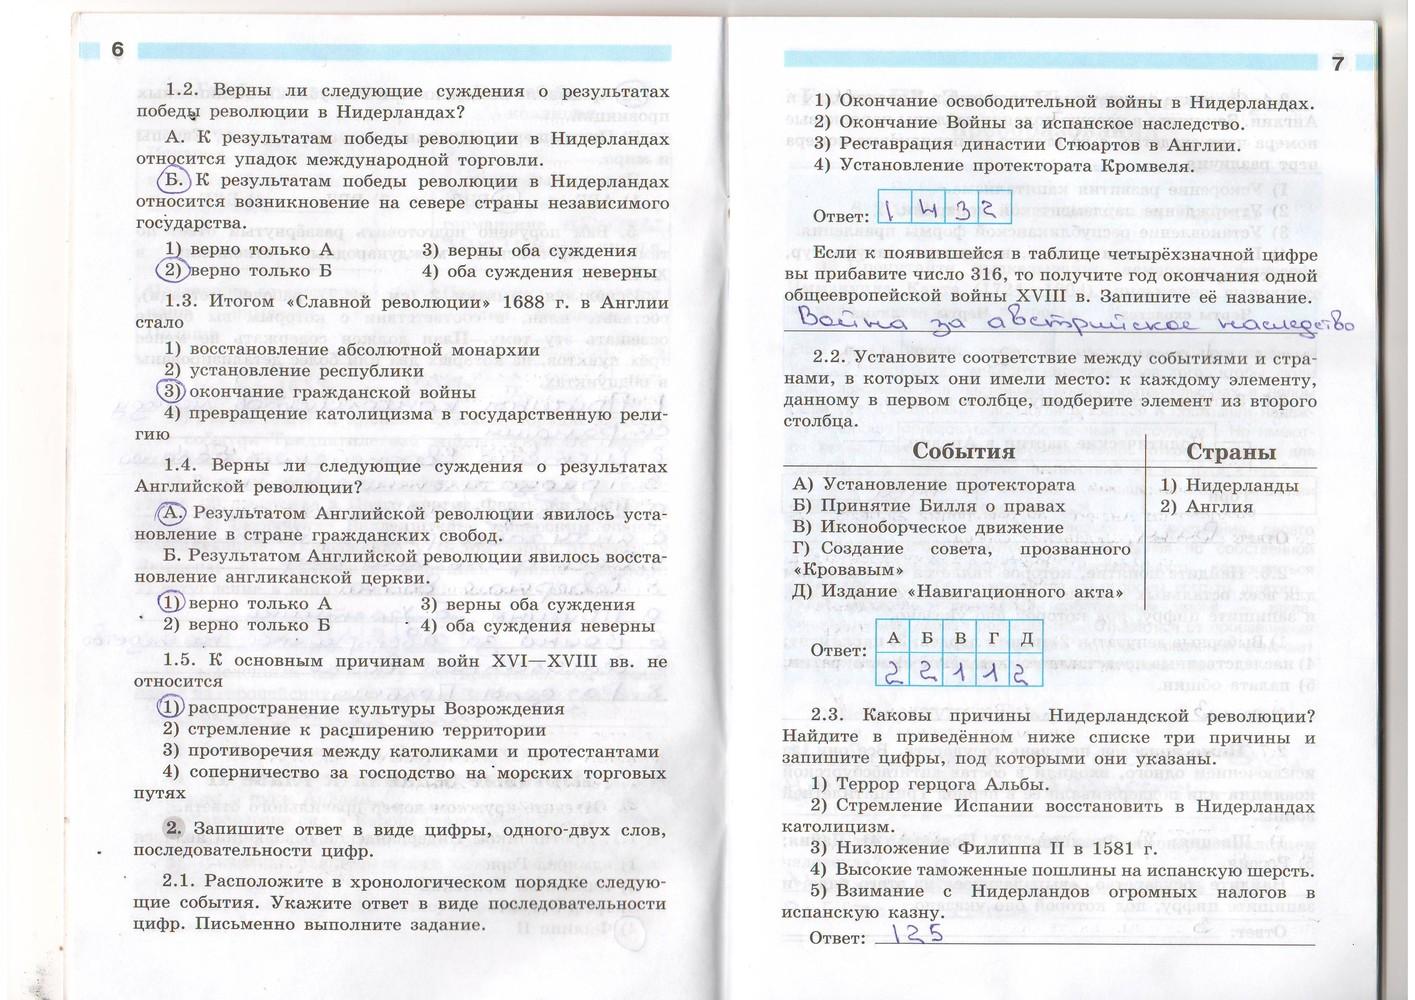 гдз по истории 7 класс данилов учебник тестовые задания